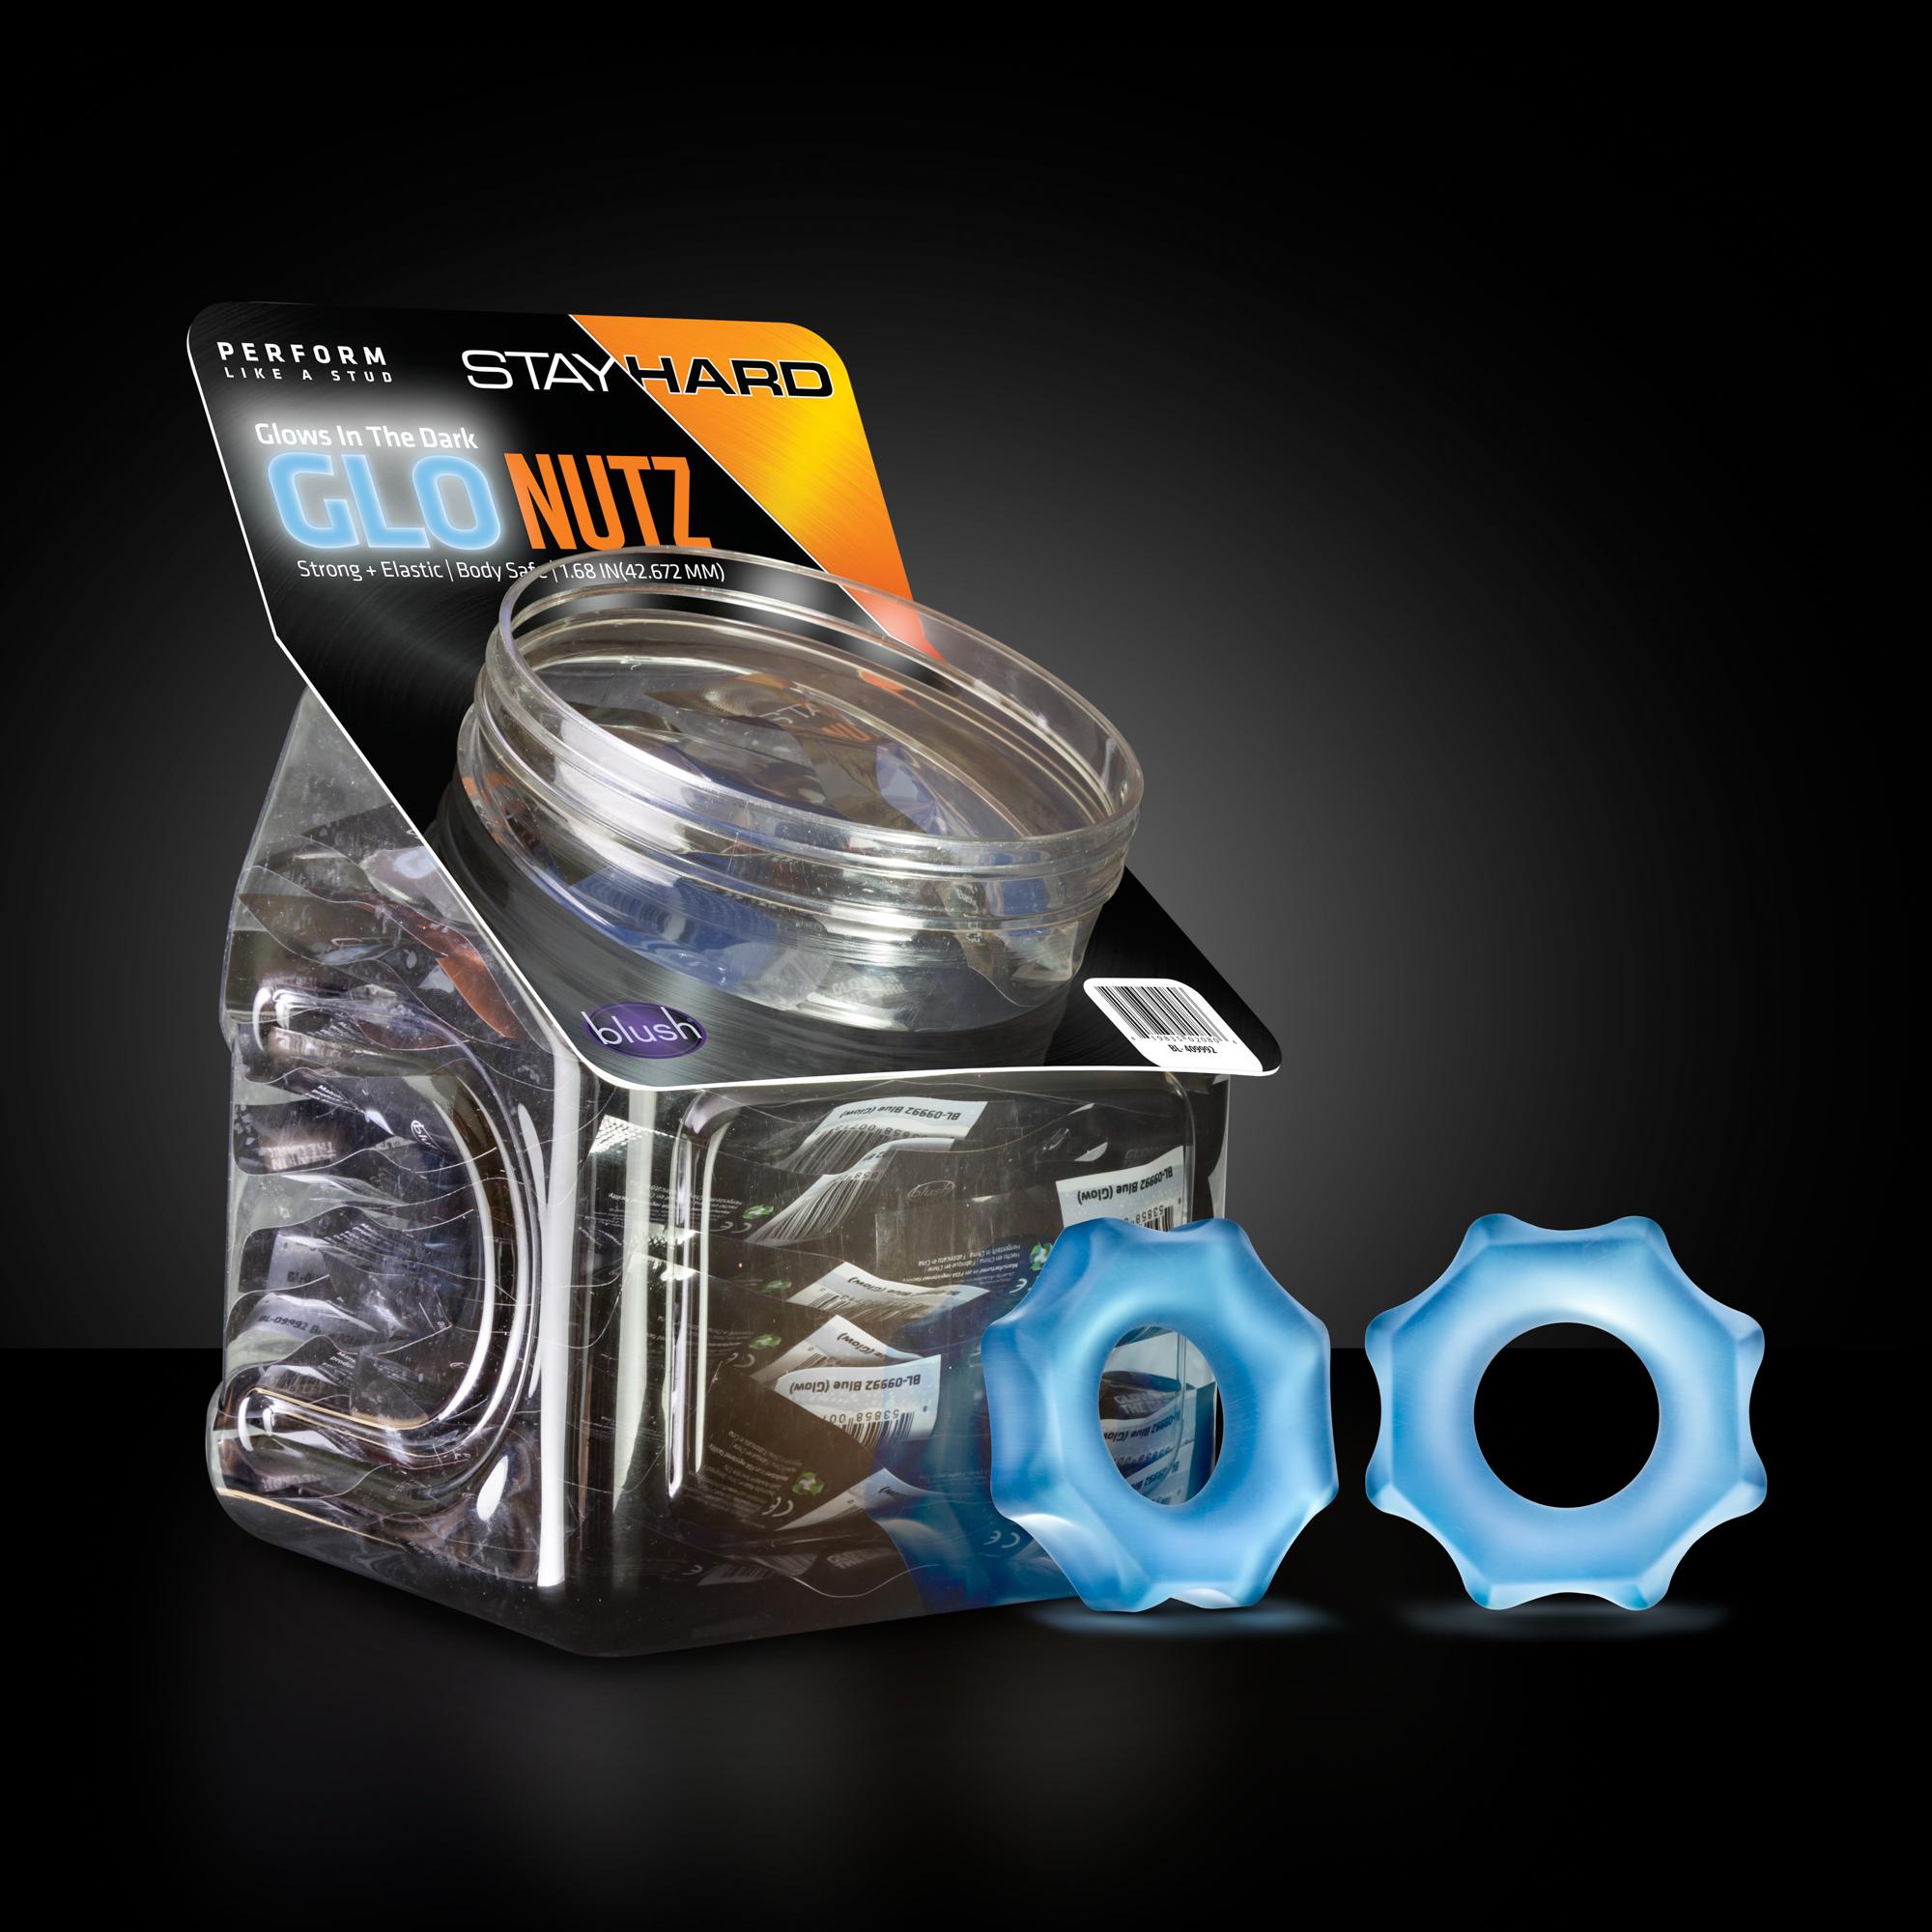 Stay Hard - Glo Nutz 40 Piece Fishbowl - Blue